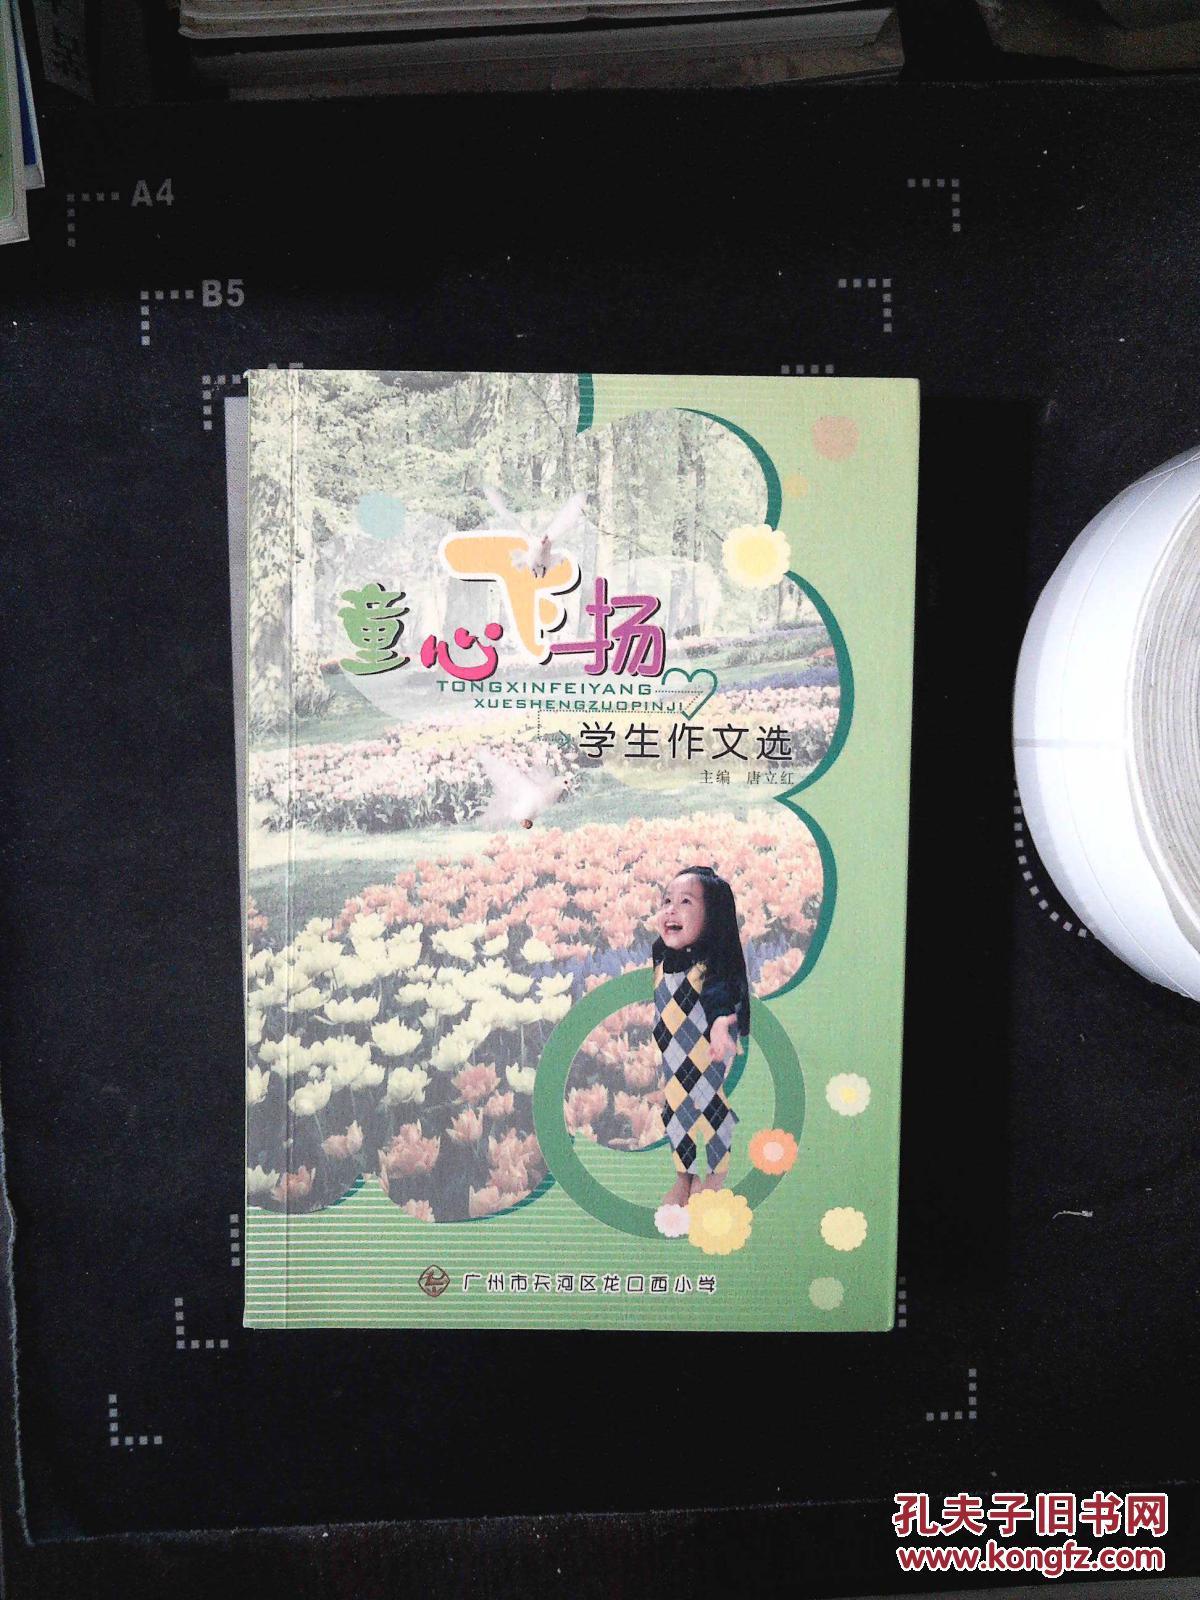 【图】童心飞扬学生作文文选*_广州市天河区女高清纯漂亮中生图片